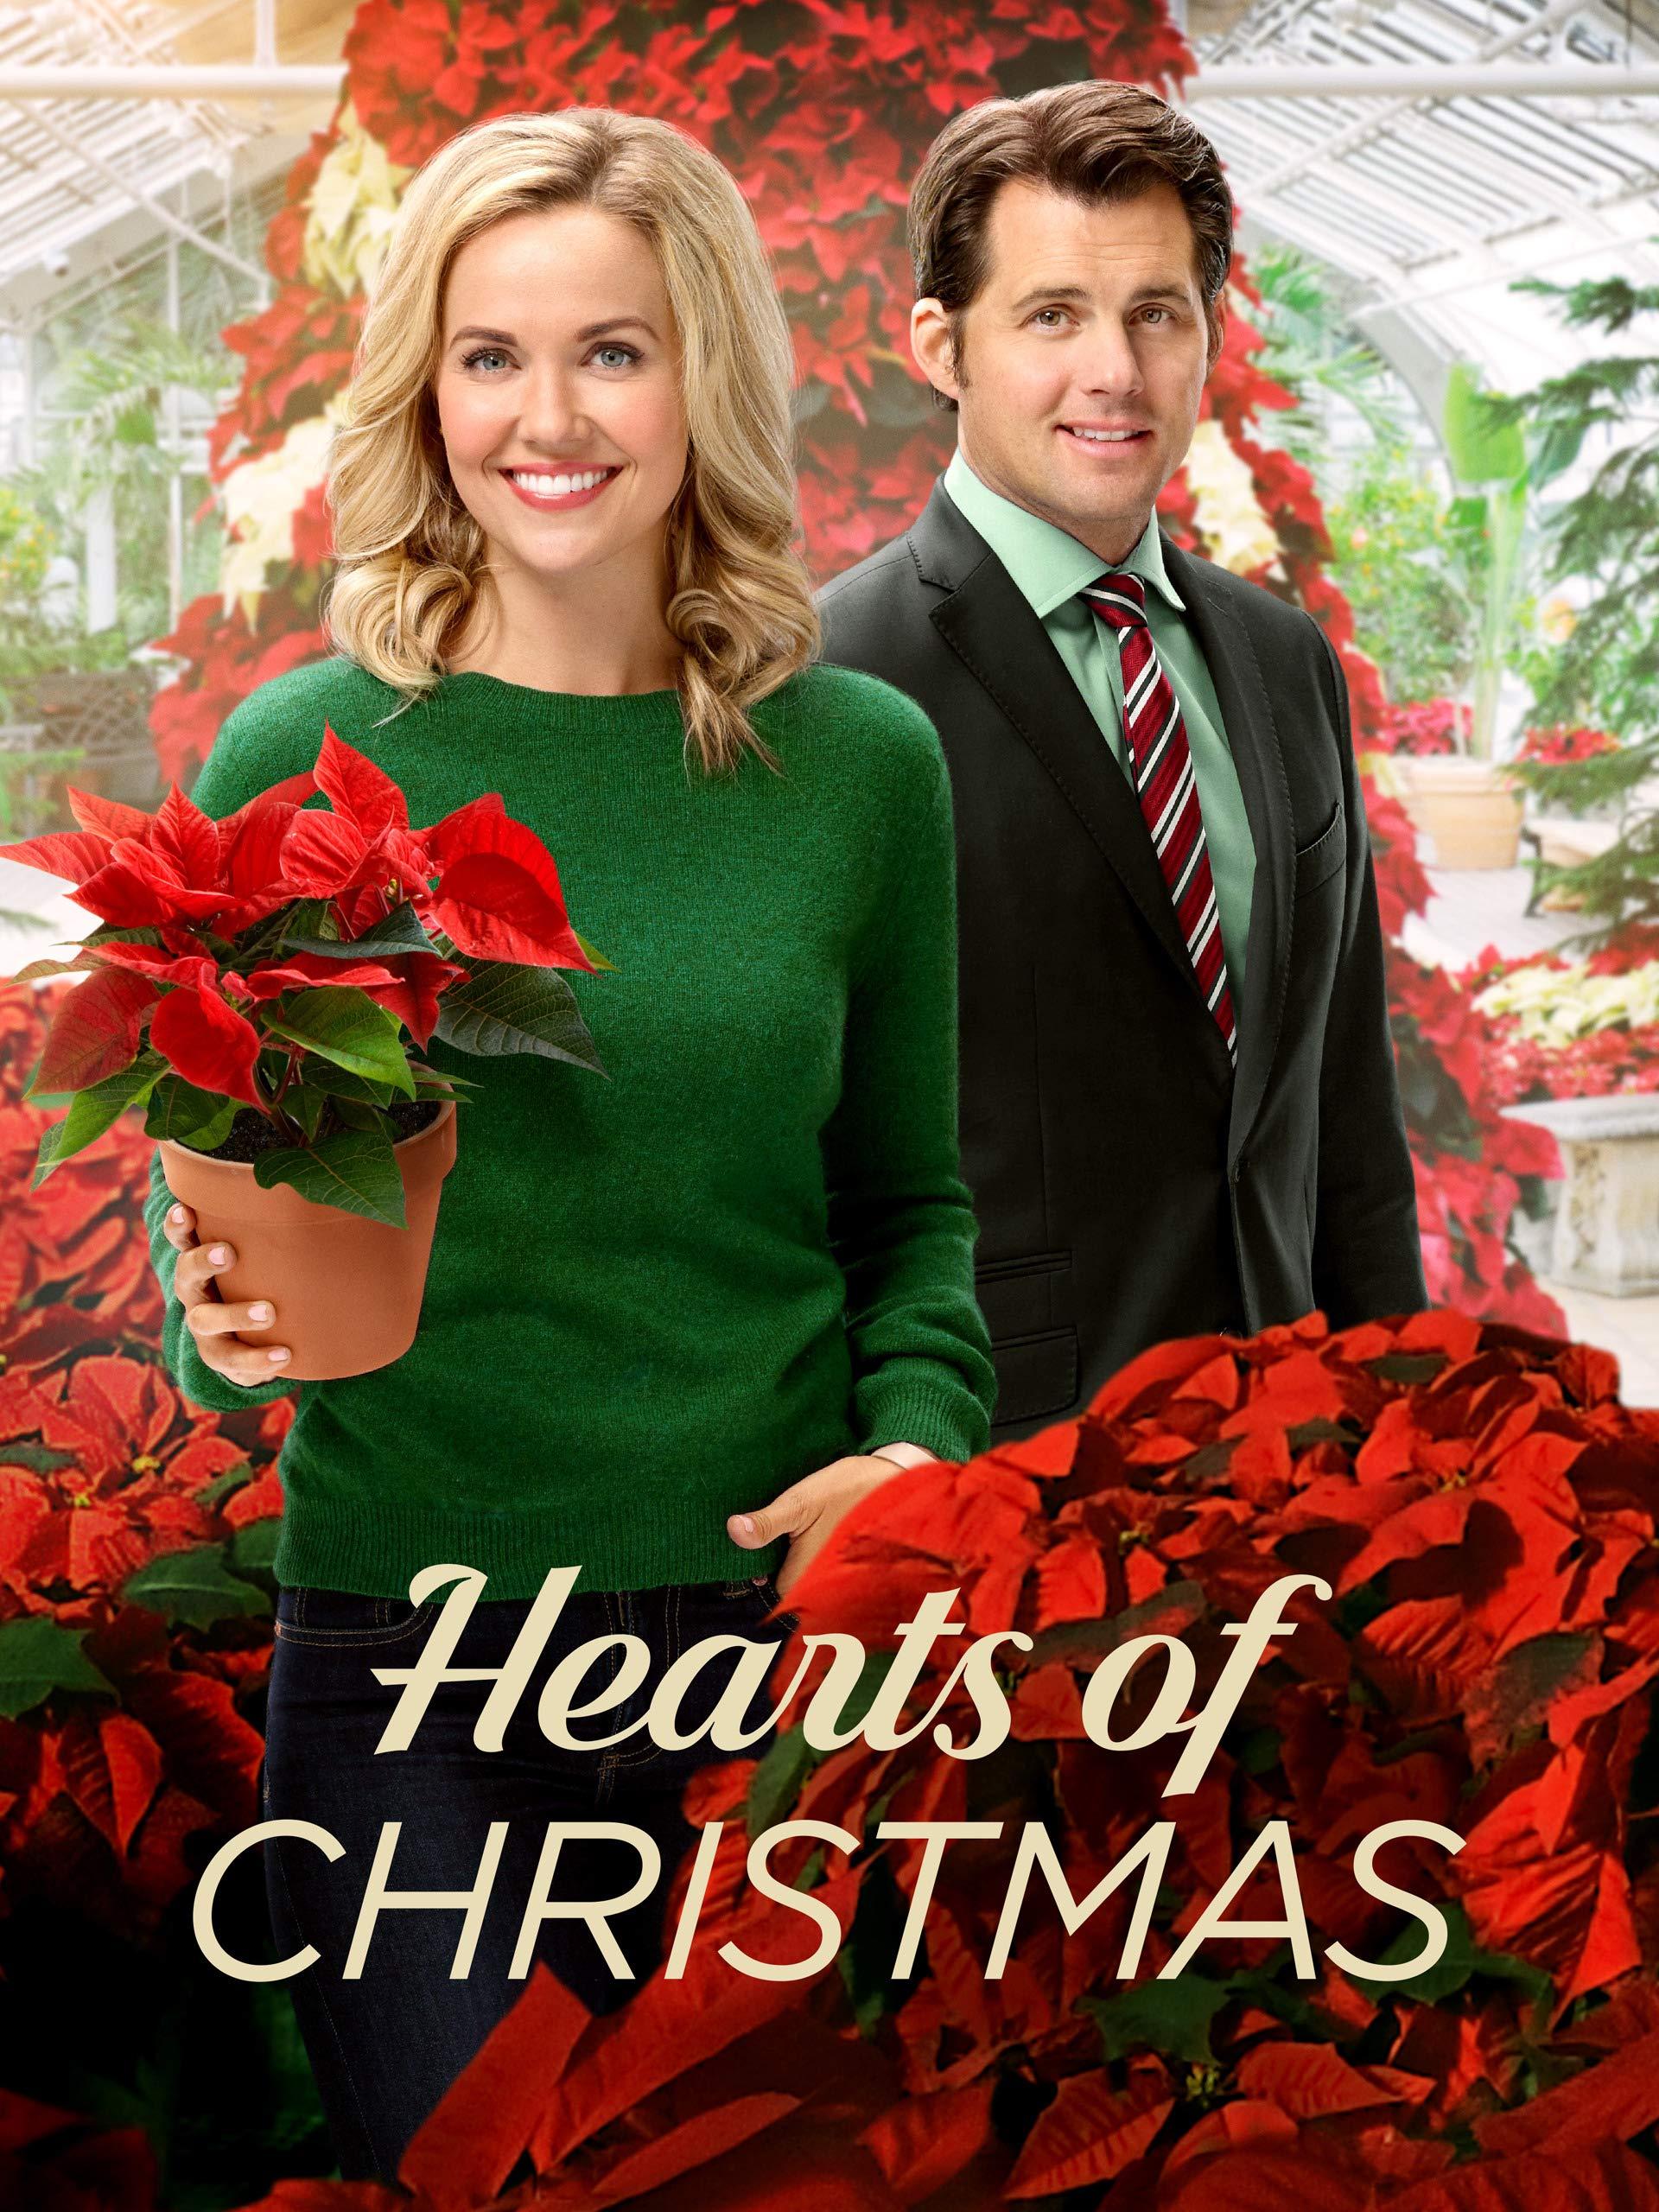 Hearts of Christmas on Amazon Prime Video UK